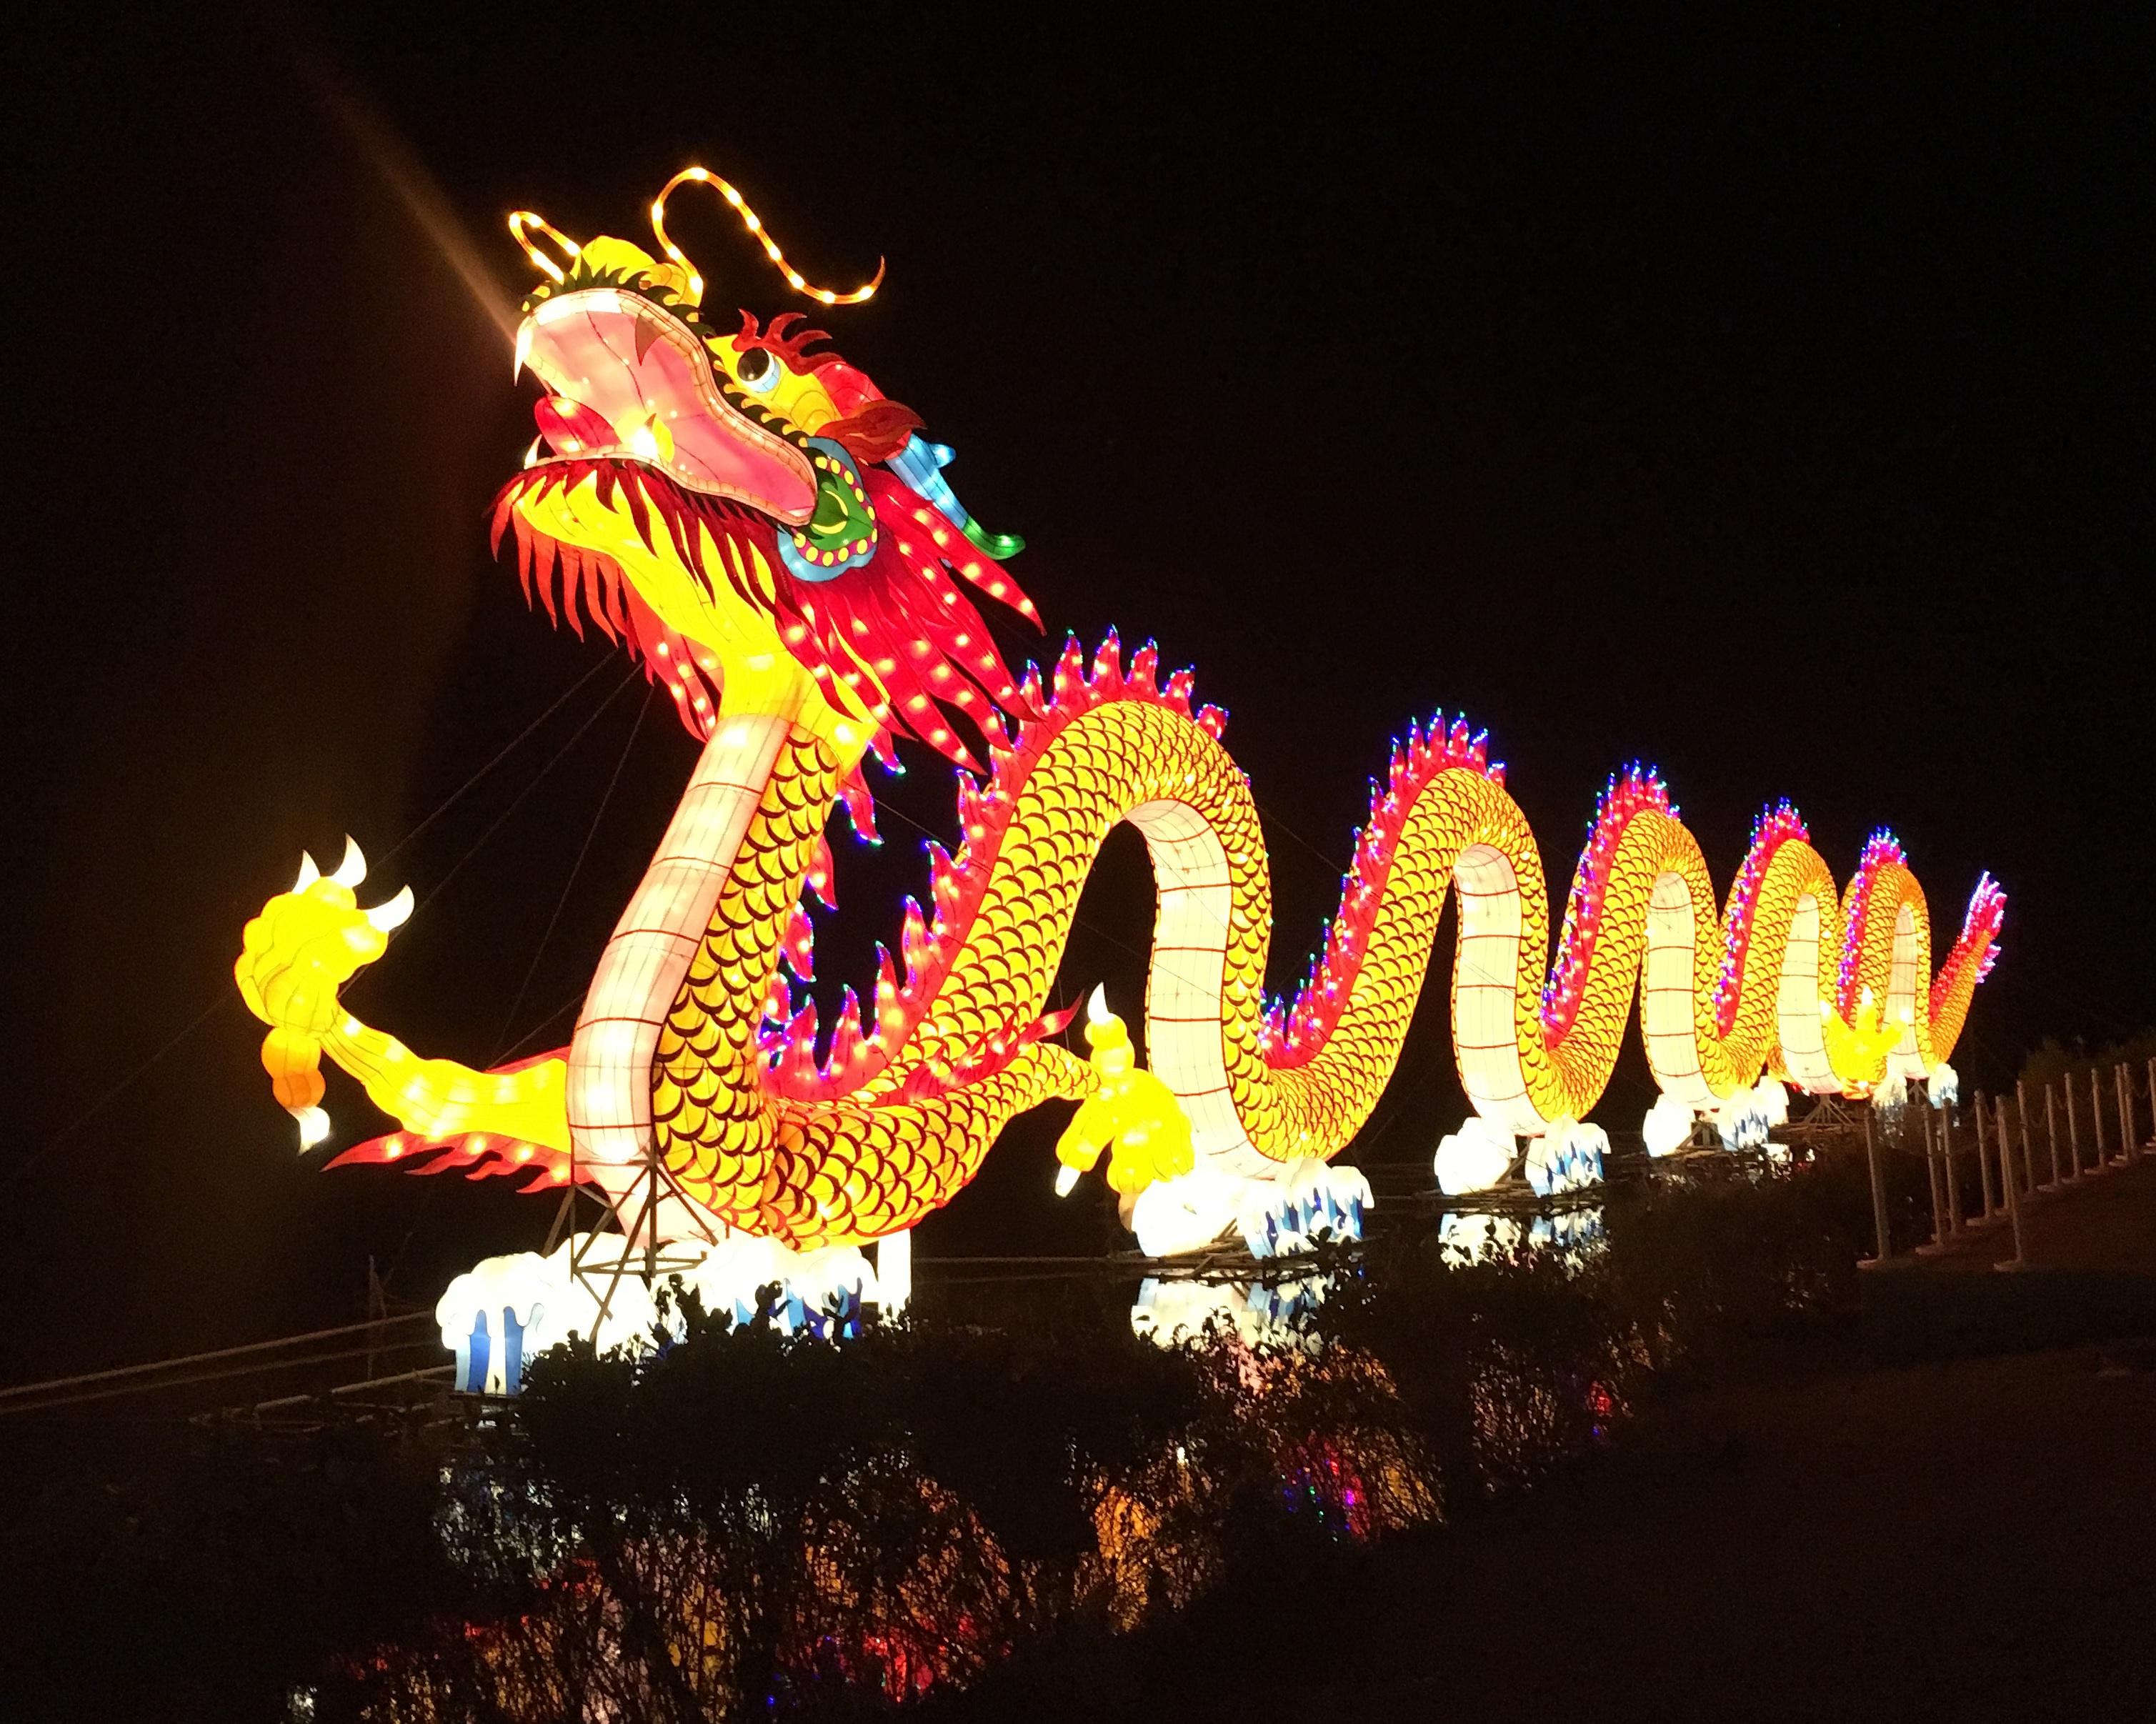 hình ảnh : đêm, ngày lễ, Trang trí giáng sinh, biến cố, đèn Giáng sinh, Lễ hội trung thu, Tết nguyên đán 3018x2413